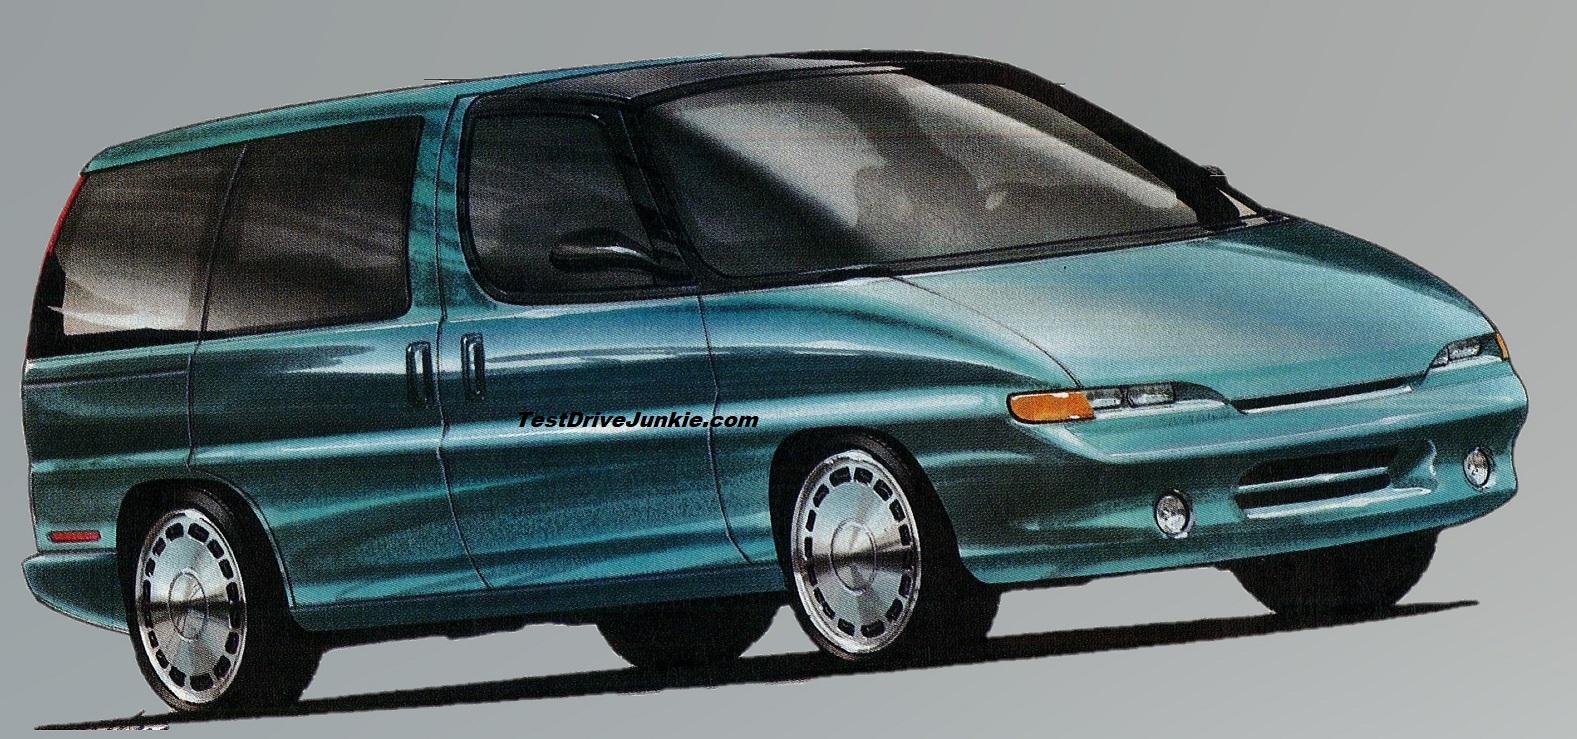 1992 the general s van plan test drive junkie